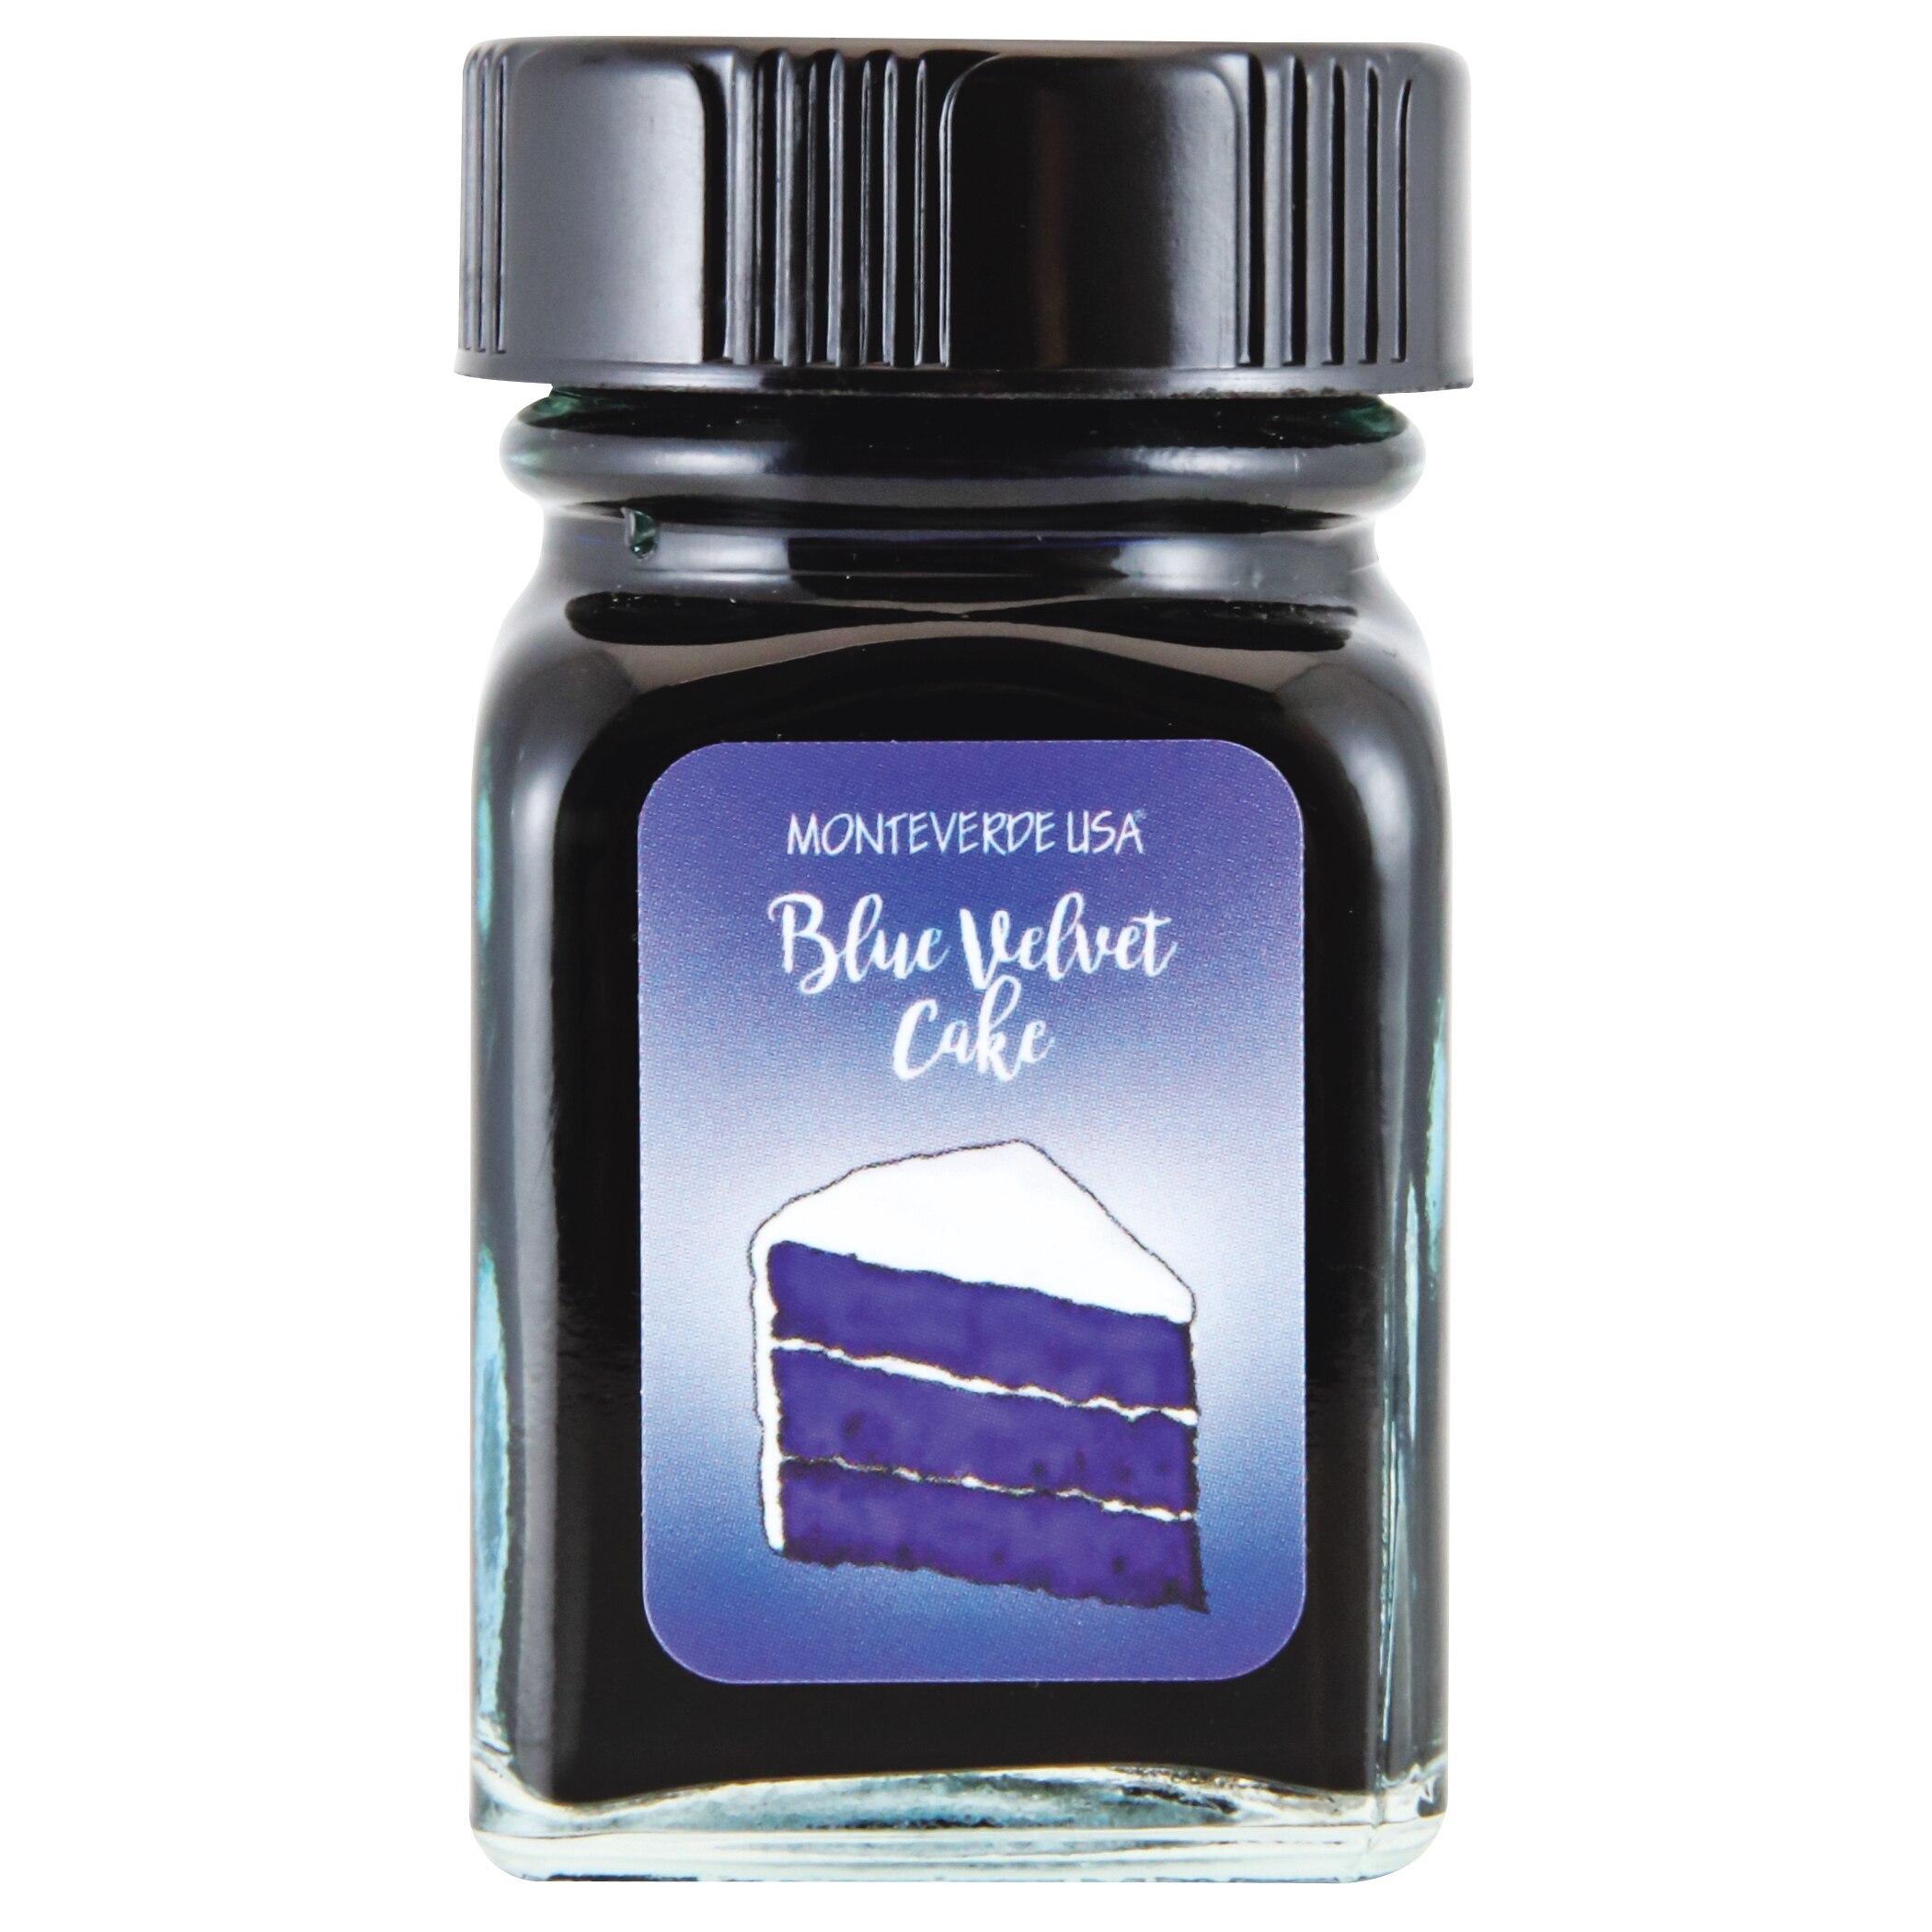 Monteverde Sweet LIfe - Blue Velvet Cake 30ml